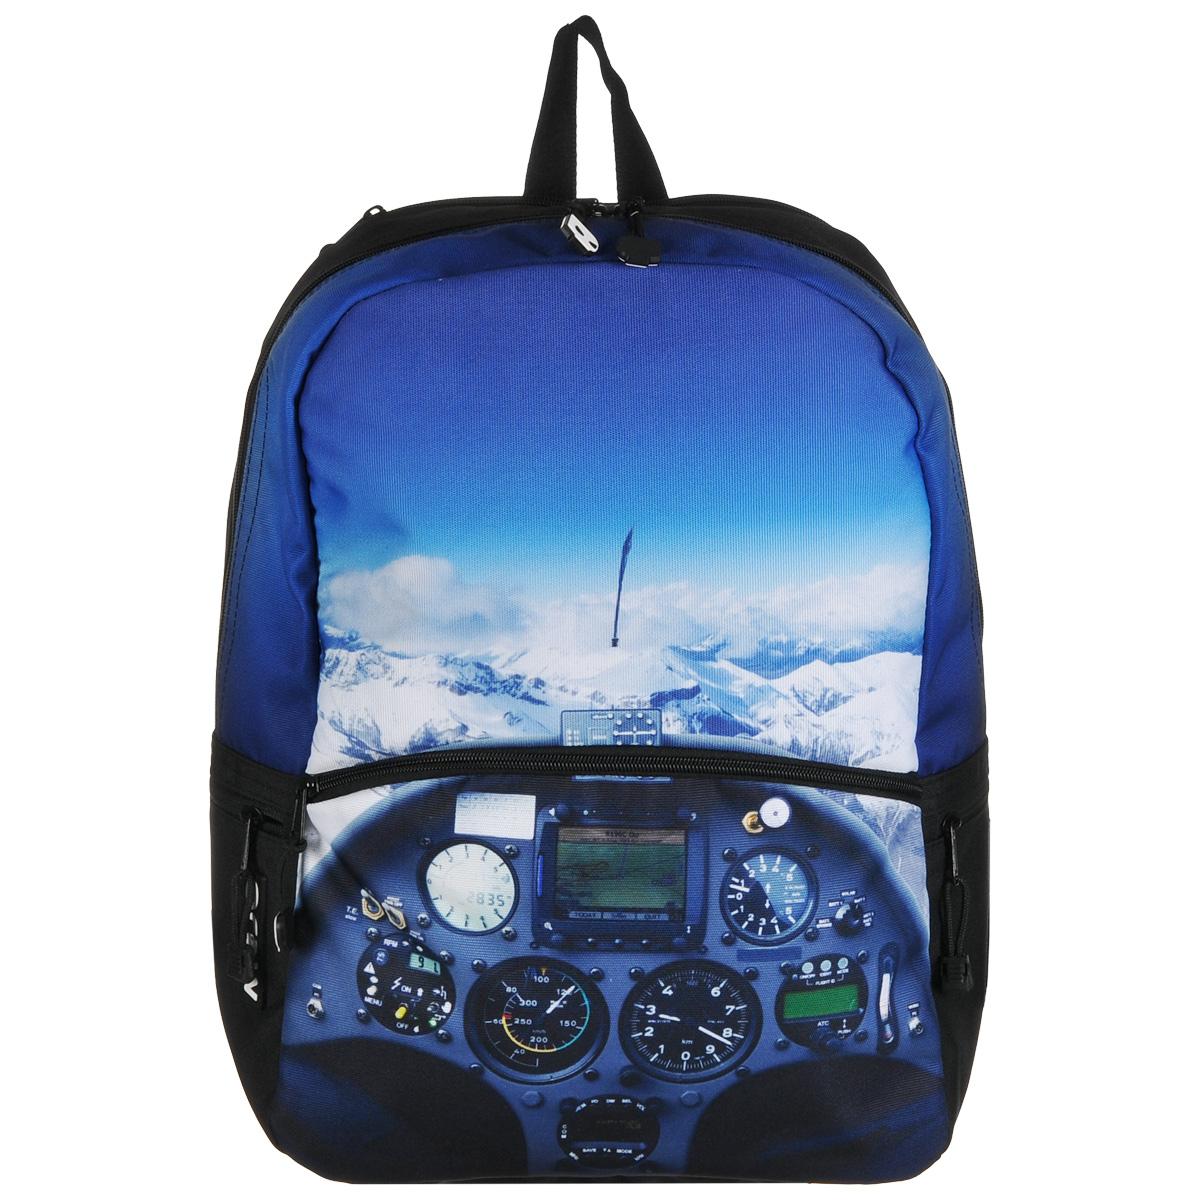 Рюкзак городской Mojo Pax Cockpit, 20 л30776Городской рюкзак Mojo Pax Cockpit подходит для тех, кто привык шокировать и выделяться из толпы. Идеальный вариант для школьников и студентов. Рюкзак выполнен из плотного полиэстера с оригинальным рисунком, материал изделия устойчив к воздействию влаги и не выгорает. За счет люминесцентной краски рисунок светится при ультрафиолетовом свете. Модель очень вместительная и функциональная: в основной отсек, закрывающийся на застежку-молнию, вместятся тетрадки, учебники и другие вещи. Также имеется специальное отделение для планшета, с мягкими стенками для защиты гаджета от повреждений. Снаружи расположено 3 кармашка на молнии для мелочей. Рюкзак имеет уплотненную спинку и мягкие широкие лямки регулируемой длины, а также петлю для переноски в руке. Этот яркий и нестандартный рюкзак от Mojo буквально поражает воображение! Кусочек захватывающего дух вида из кабины авиалайнера в качестве принта делает этот рюкзак не просто аксессуаром, а частью жизненной философии. Любите свободу? Кладите в рюкзак ноутбук и любимые джинсы и вперед - покорять города и страны!